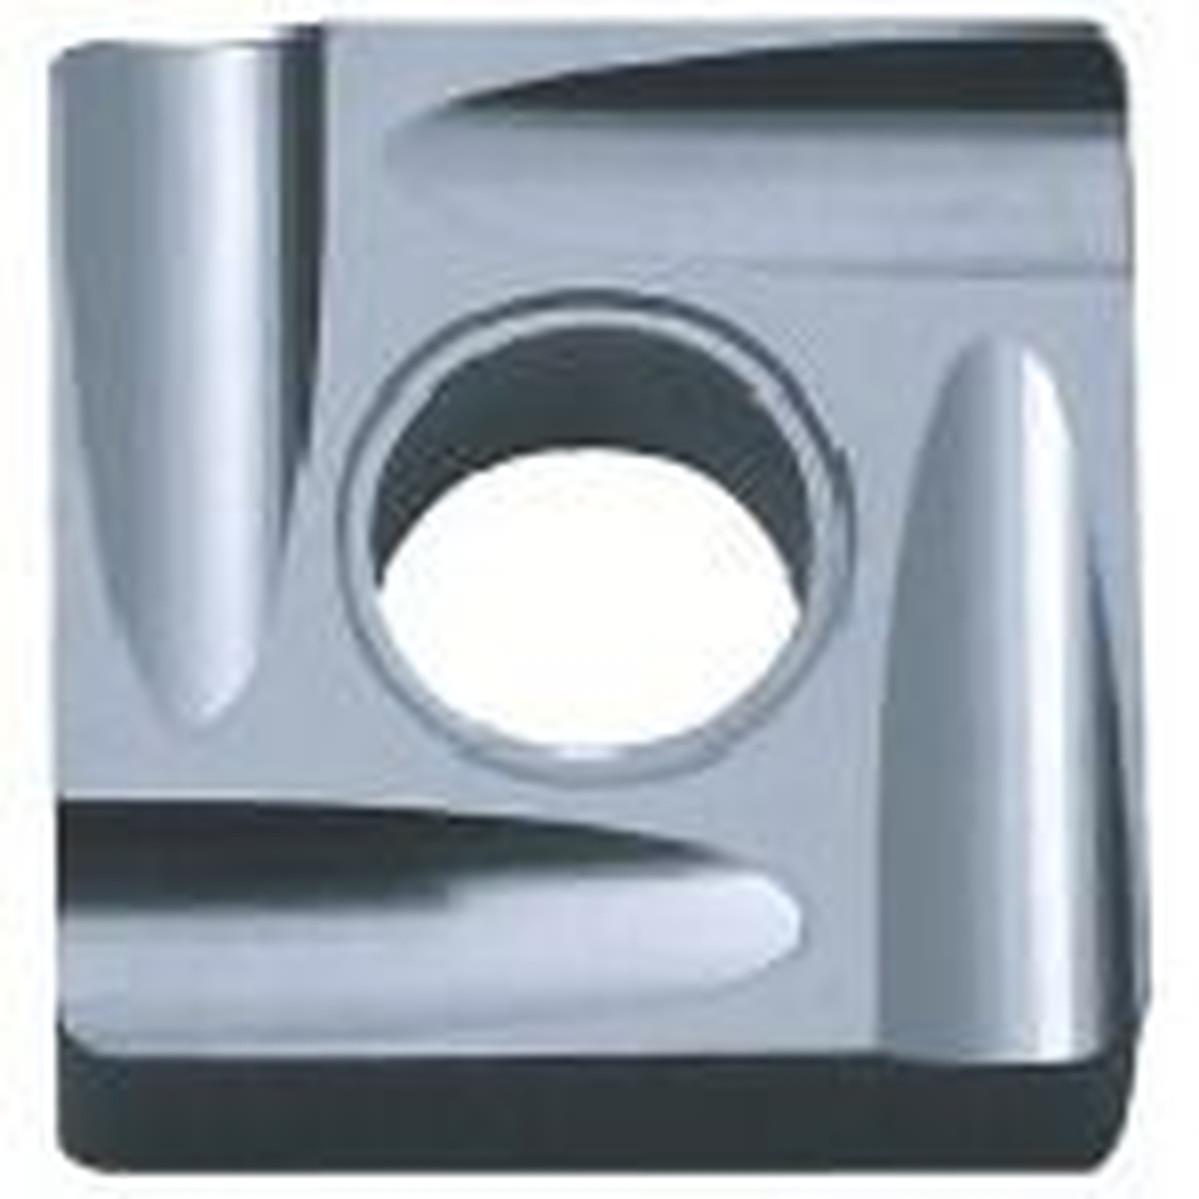 素晴らしい品質 京セラ 旋削用チップ サーメット サーメット 10個 TN60 TN60 TN60 10個, 木製漆器専門 漆木屋:9f7352eb --- lebronjamesshoes.com.co